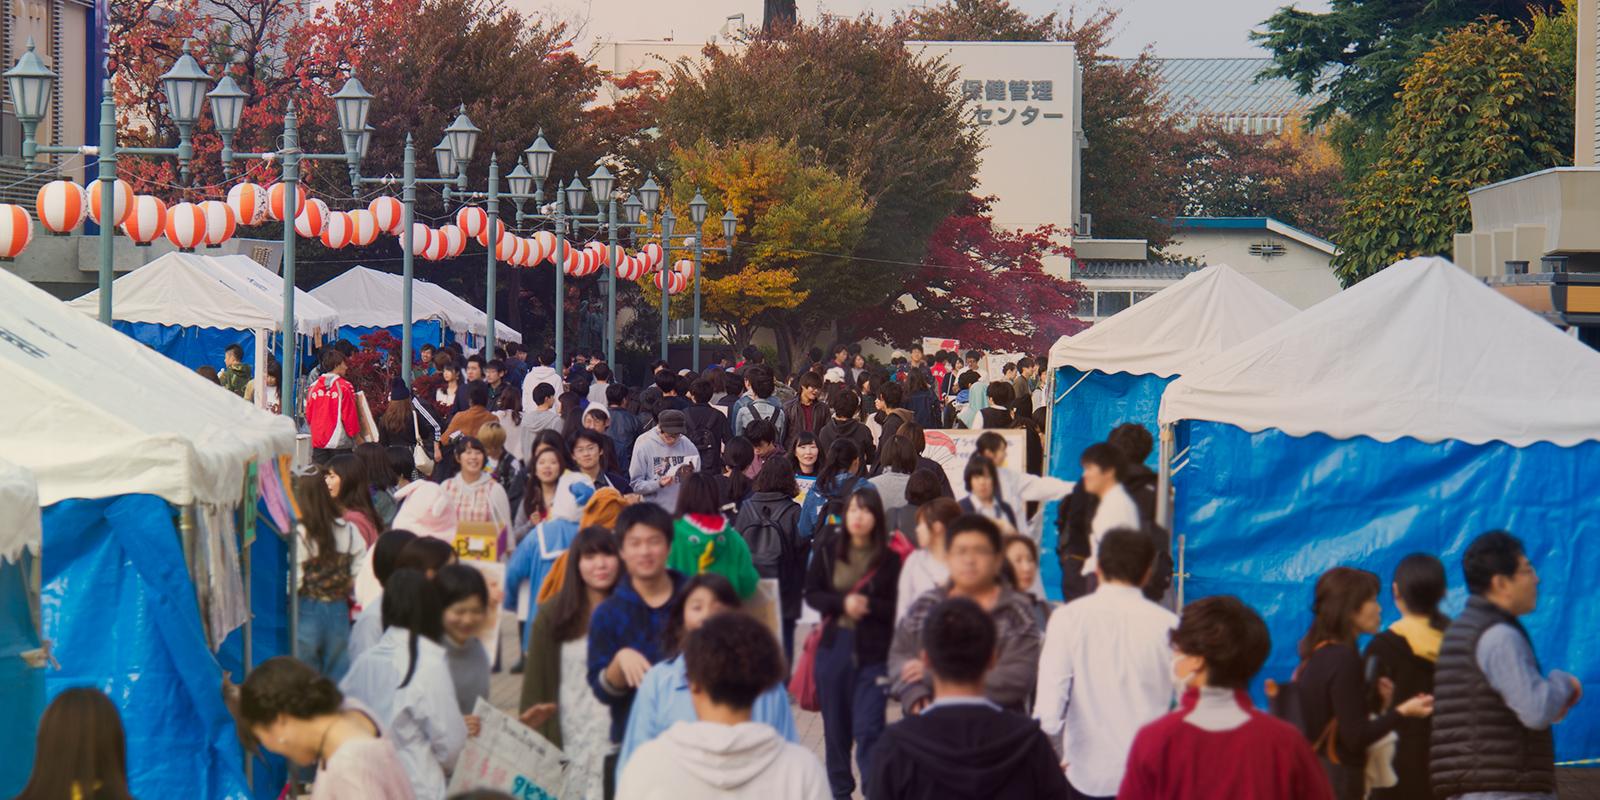 写真で見る、弘前大学総合文化祭2017